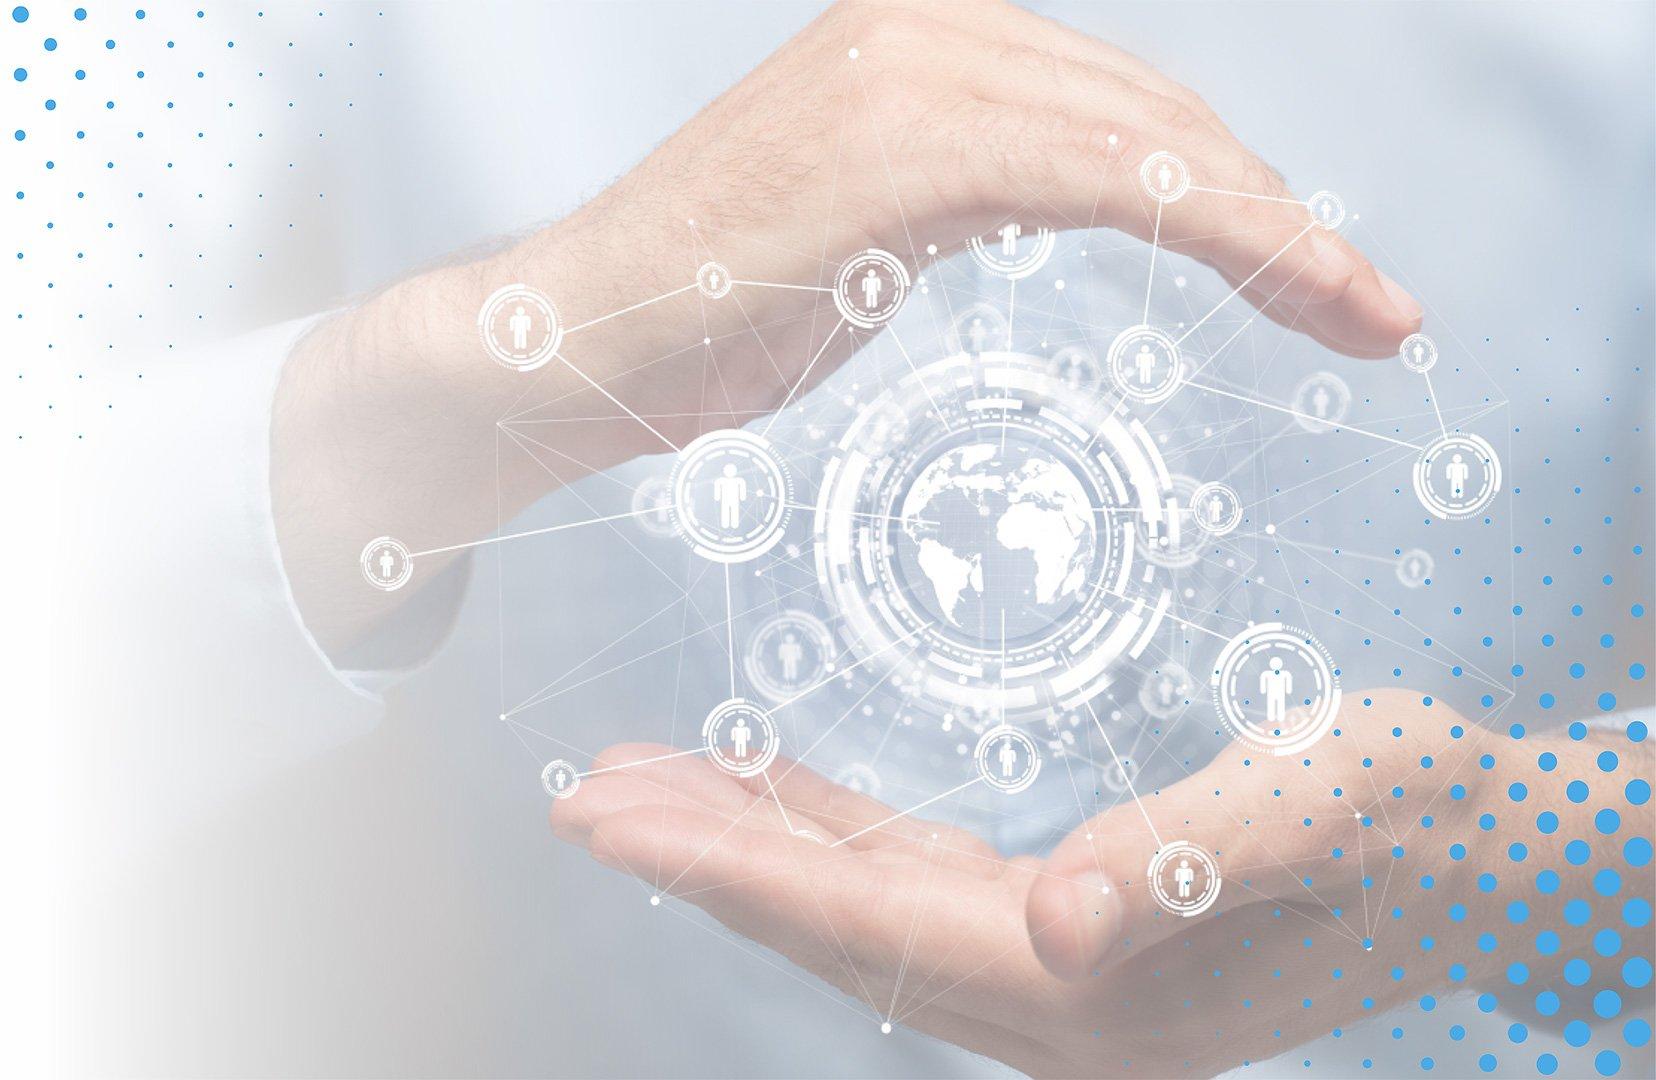 Technology Communication Background Image